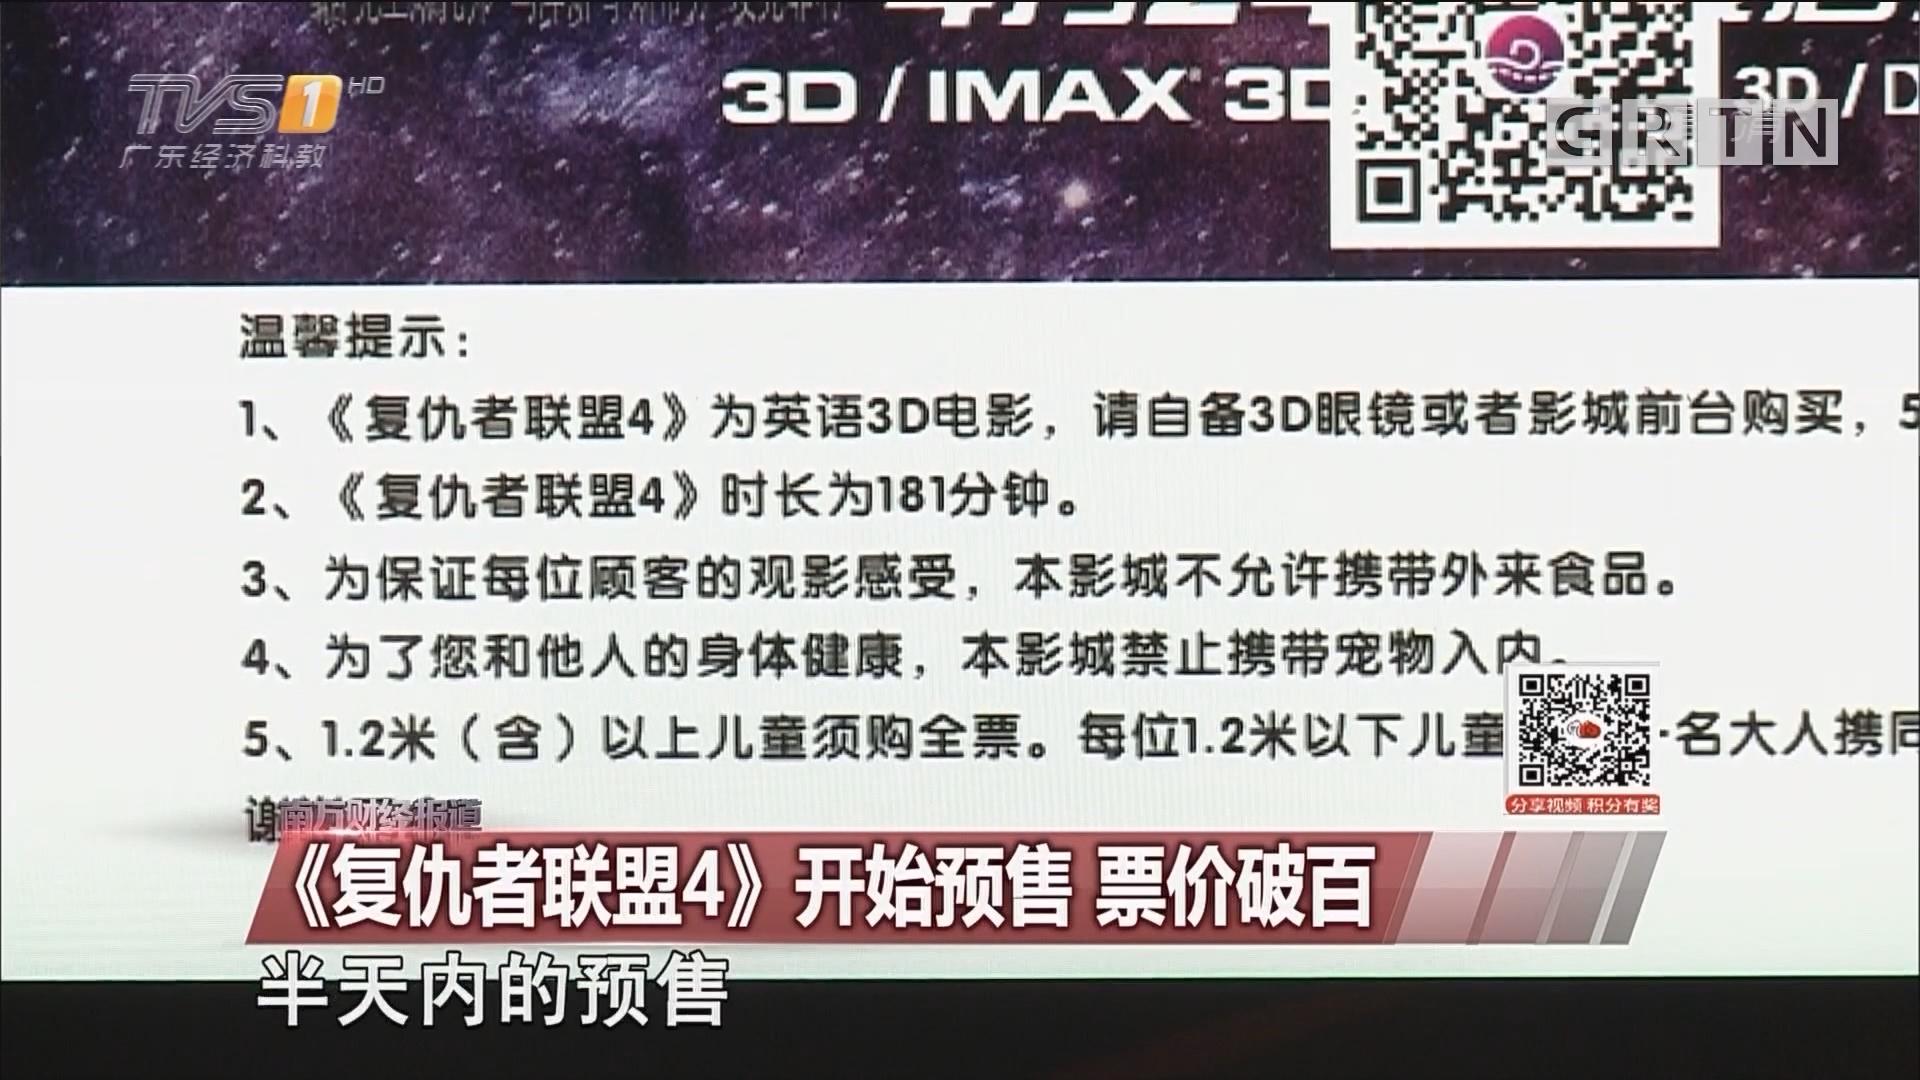 《复仇者联盟4》开始预售 票价破百